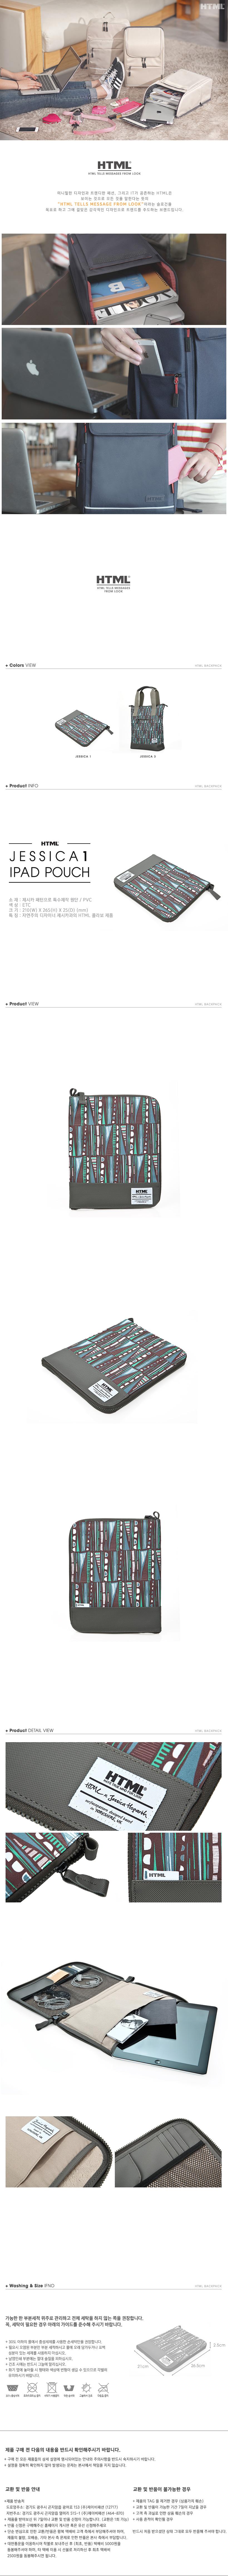 [에이치티엠엘]HTML - JESSICA 1 iPad pouch (JHD3BG01P900F0)_아이패드파우치